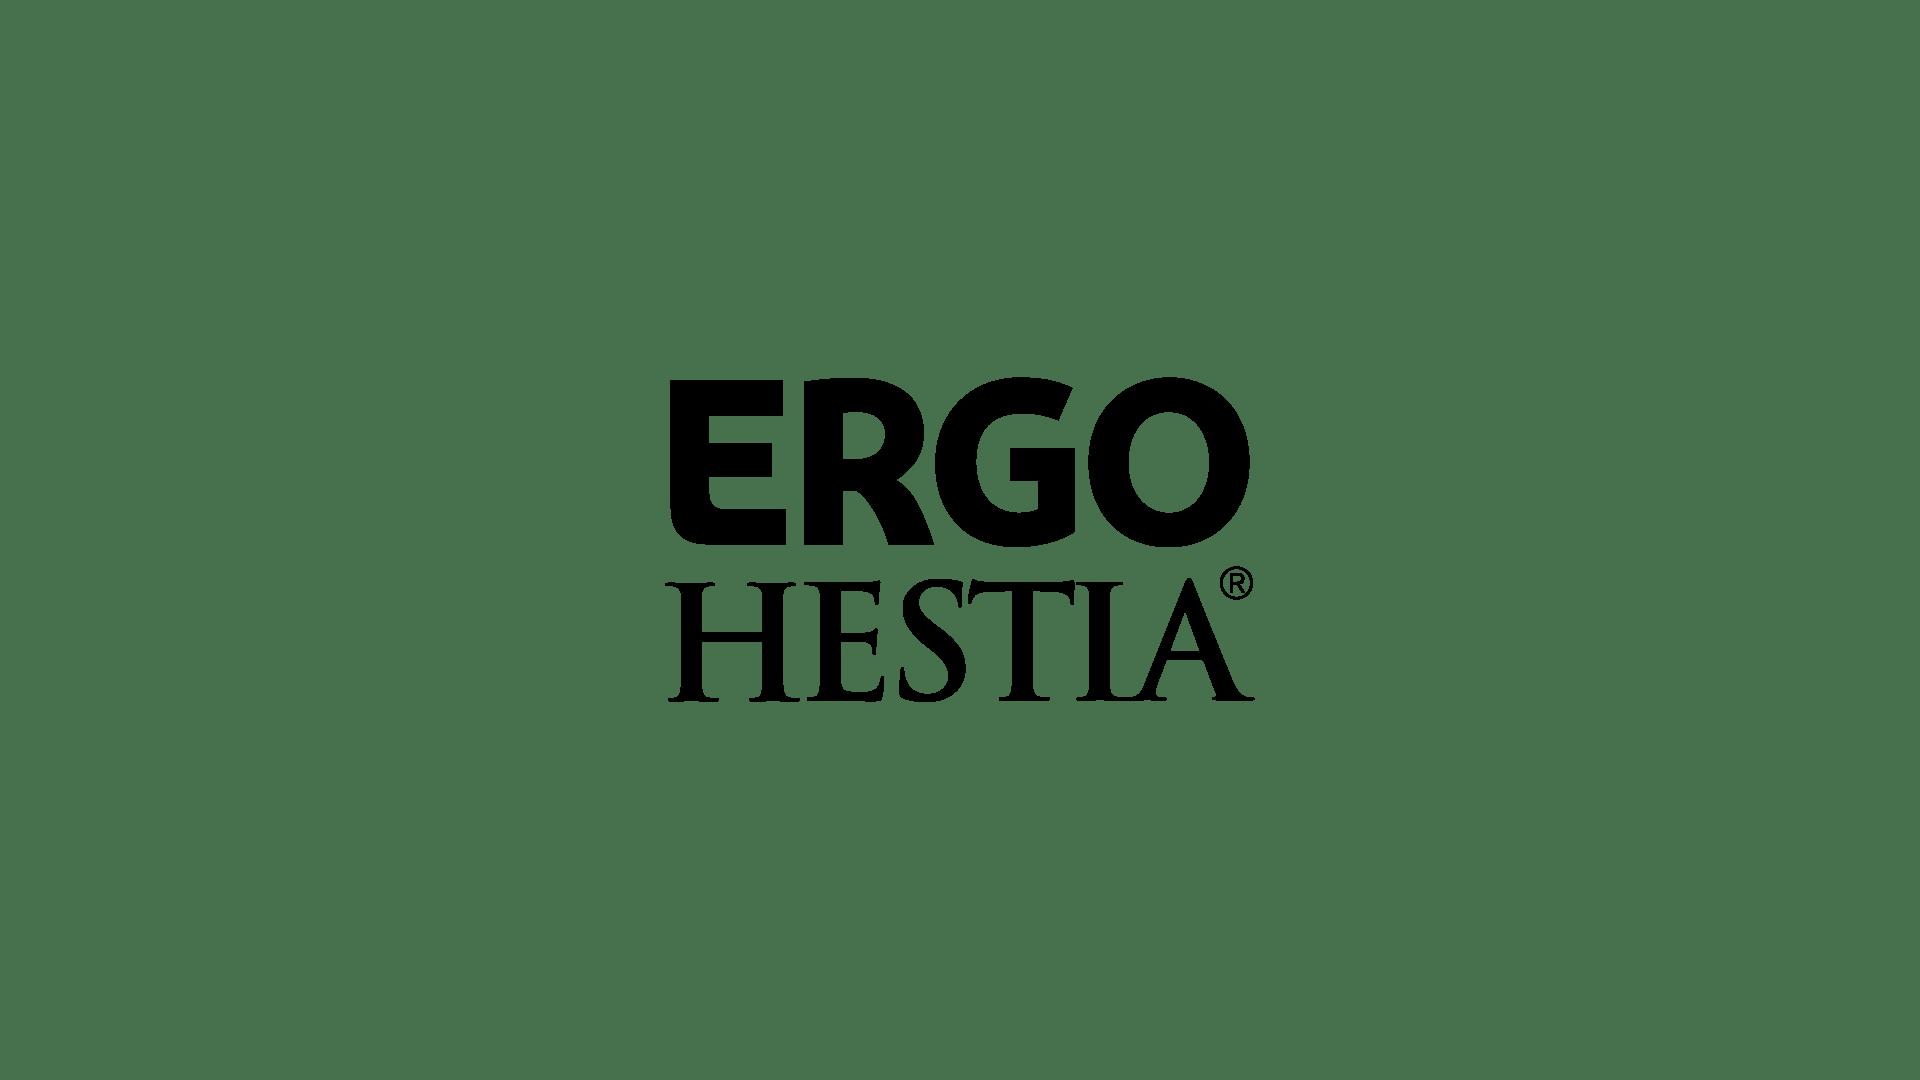 Ergo Hestia logo